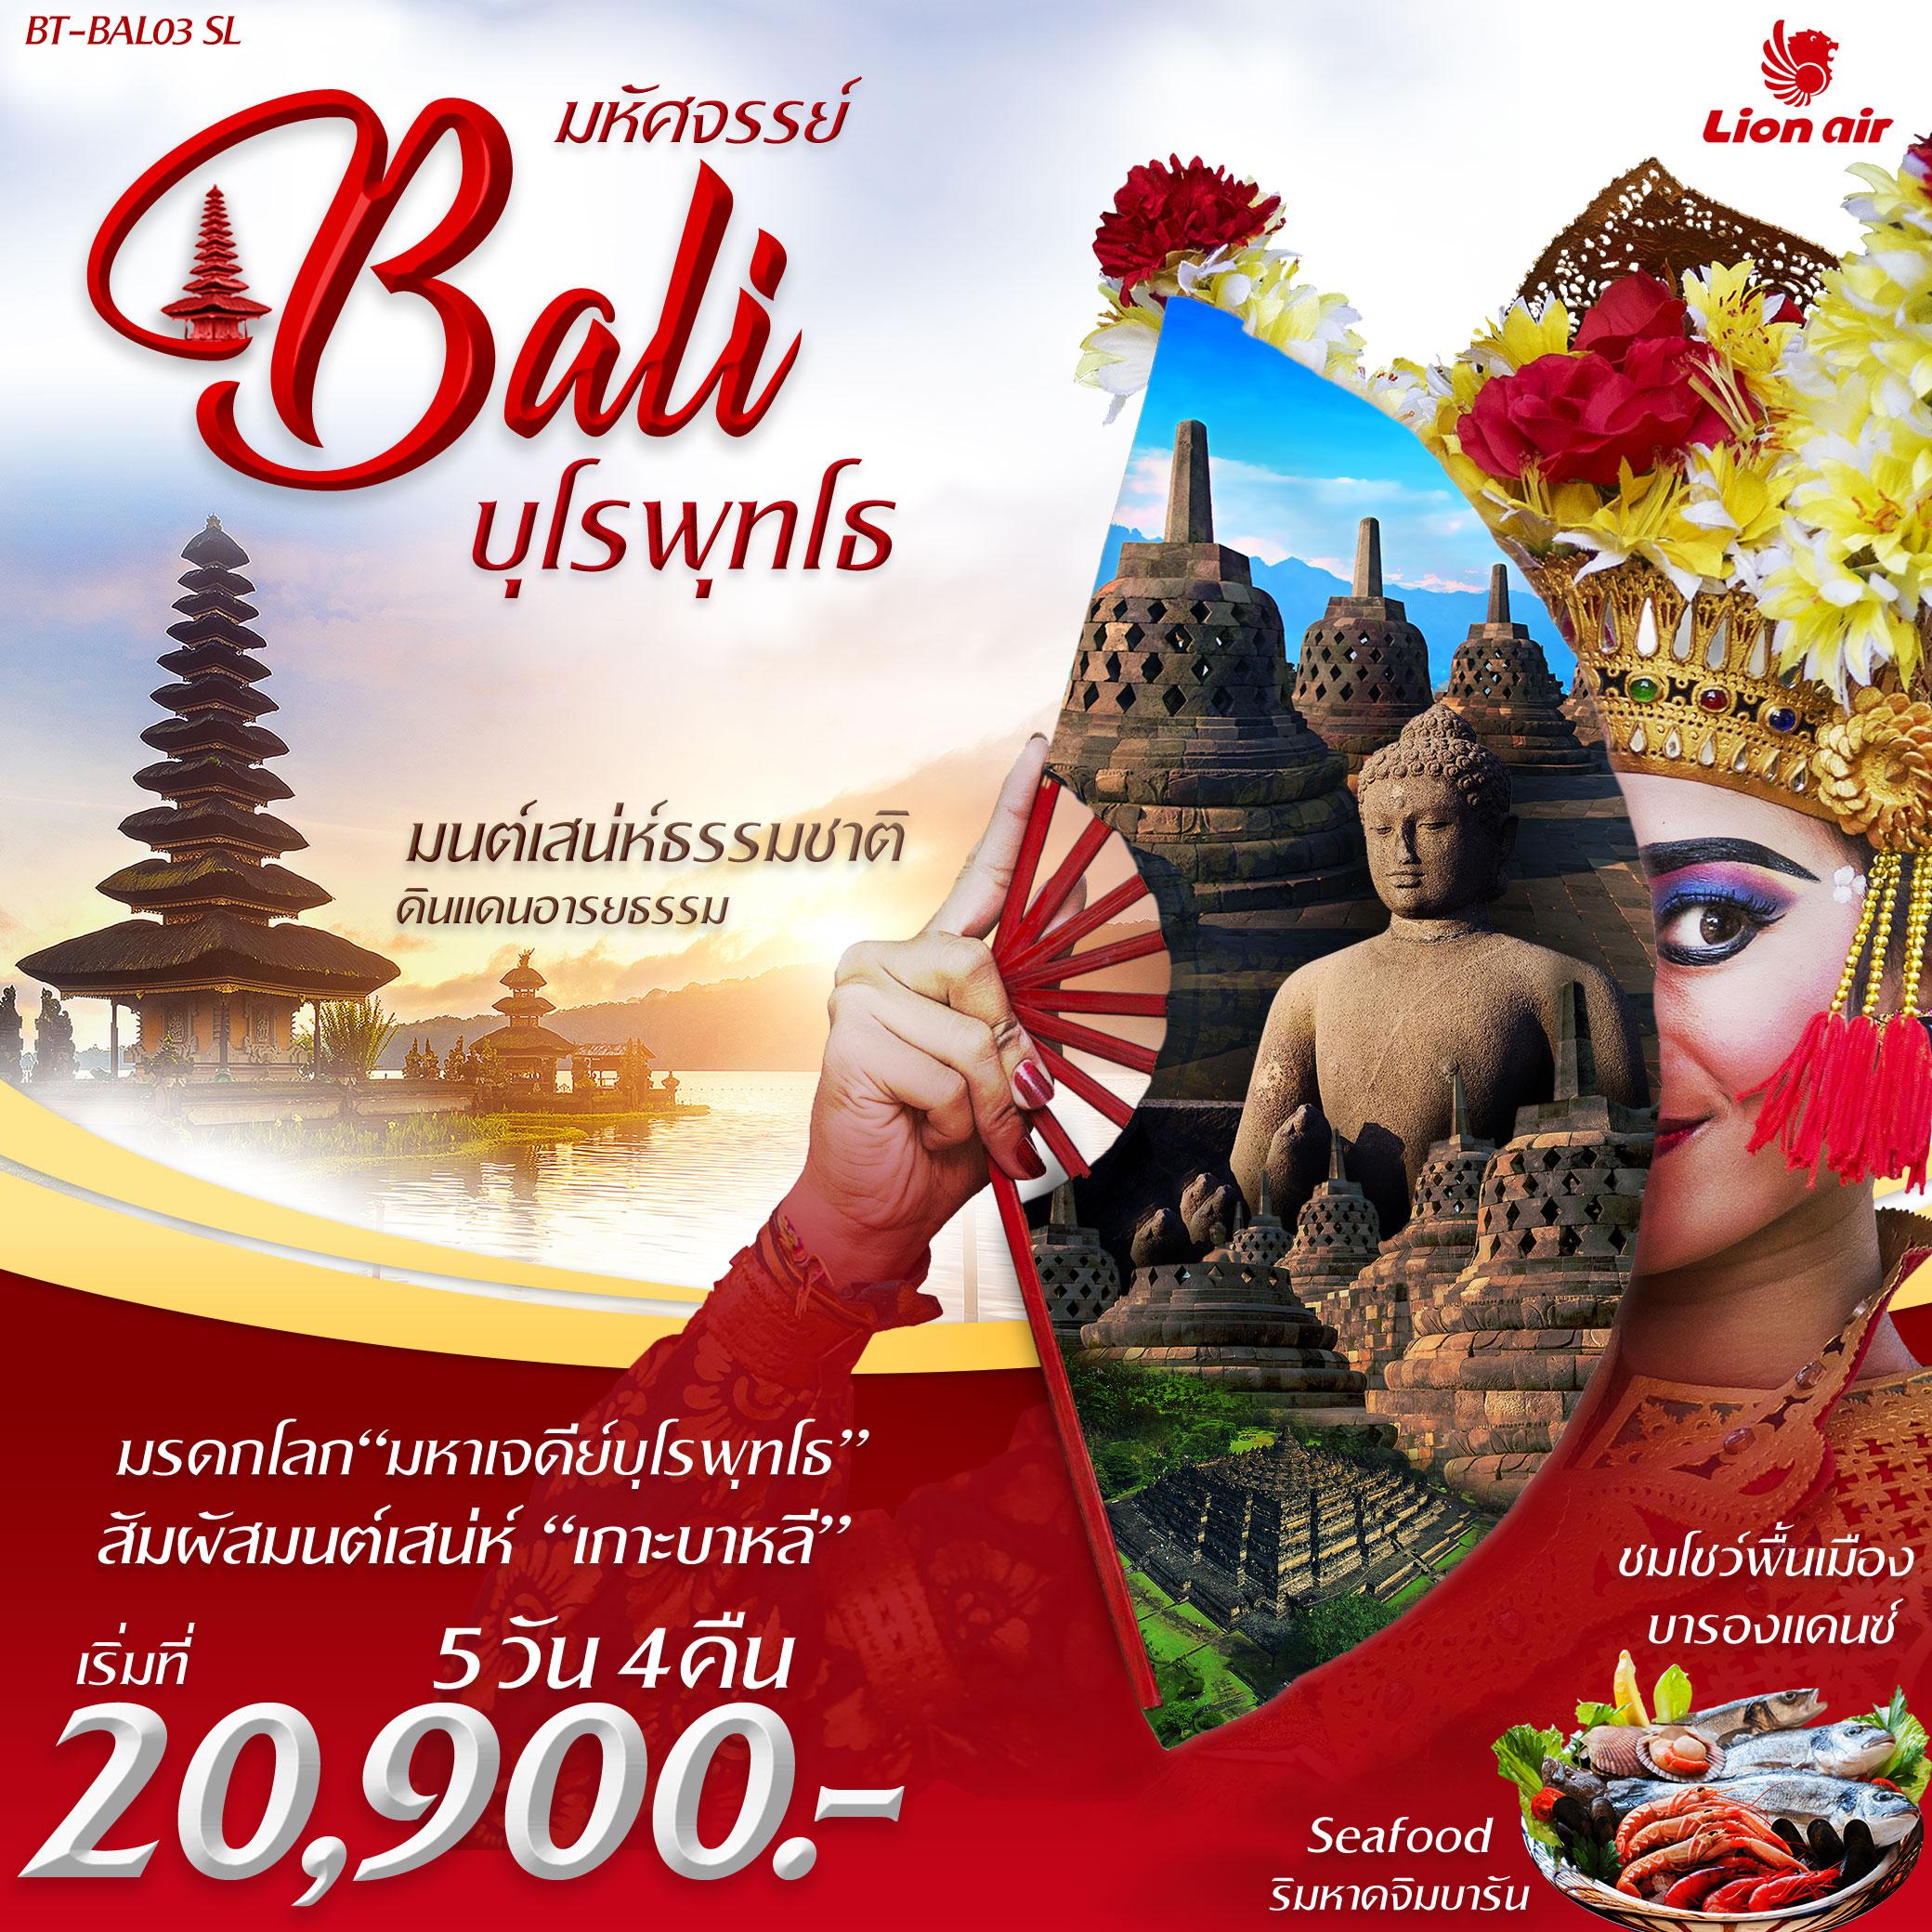 ทัวร์อินโดนีเซีย-มหัศจรรย์...บาหลี-บุโรพุทโธ-5-วัน-4-คืน-(SEP-NOV19)BT-BAL03_SL